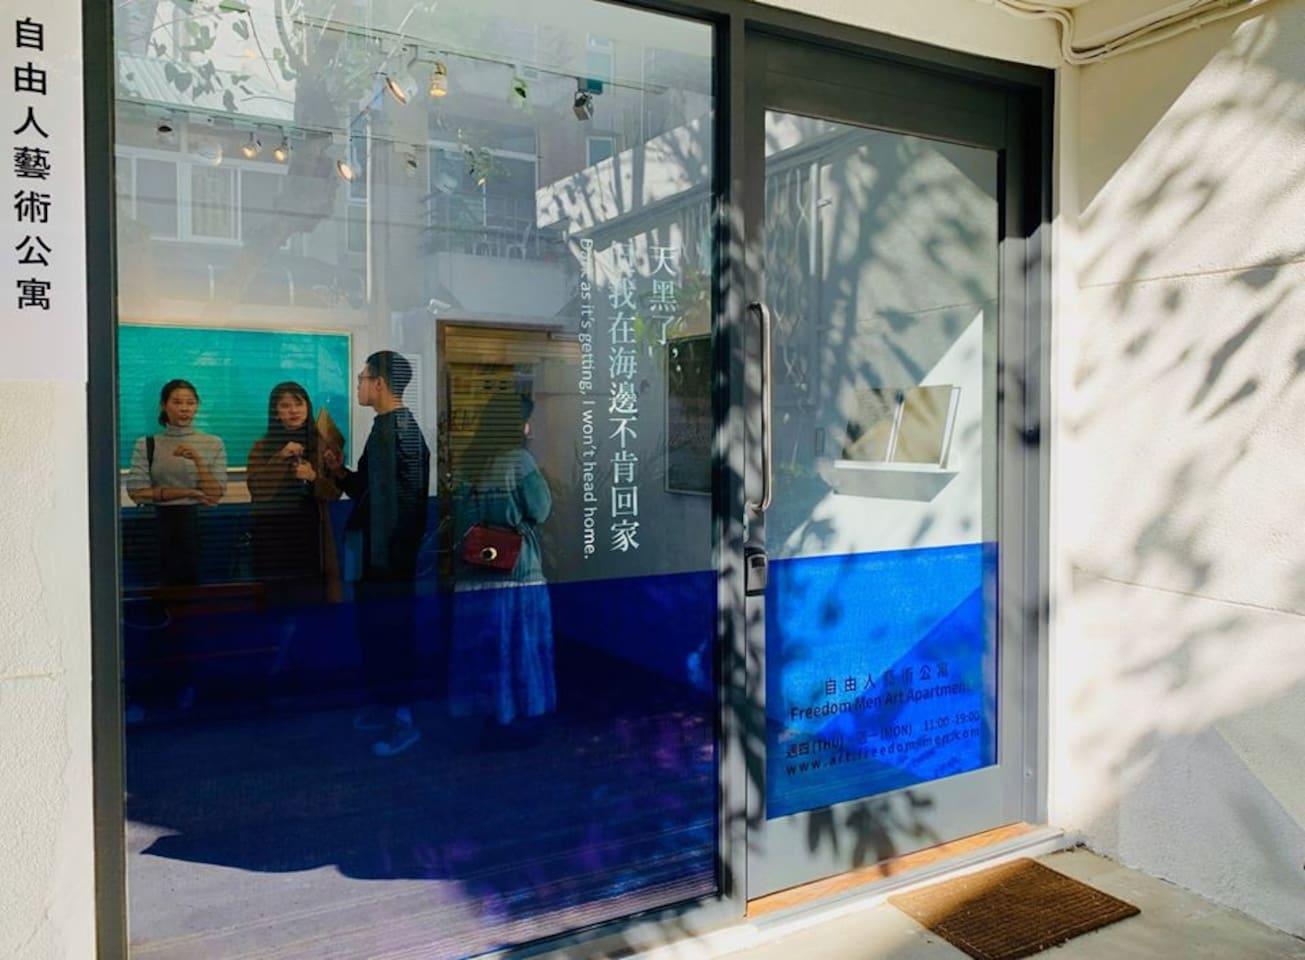 「藝術英文會話課」TAPS 藝術實踐學校 - 臺中 自由人藝術公寓|Accupass 活動通